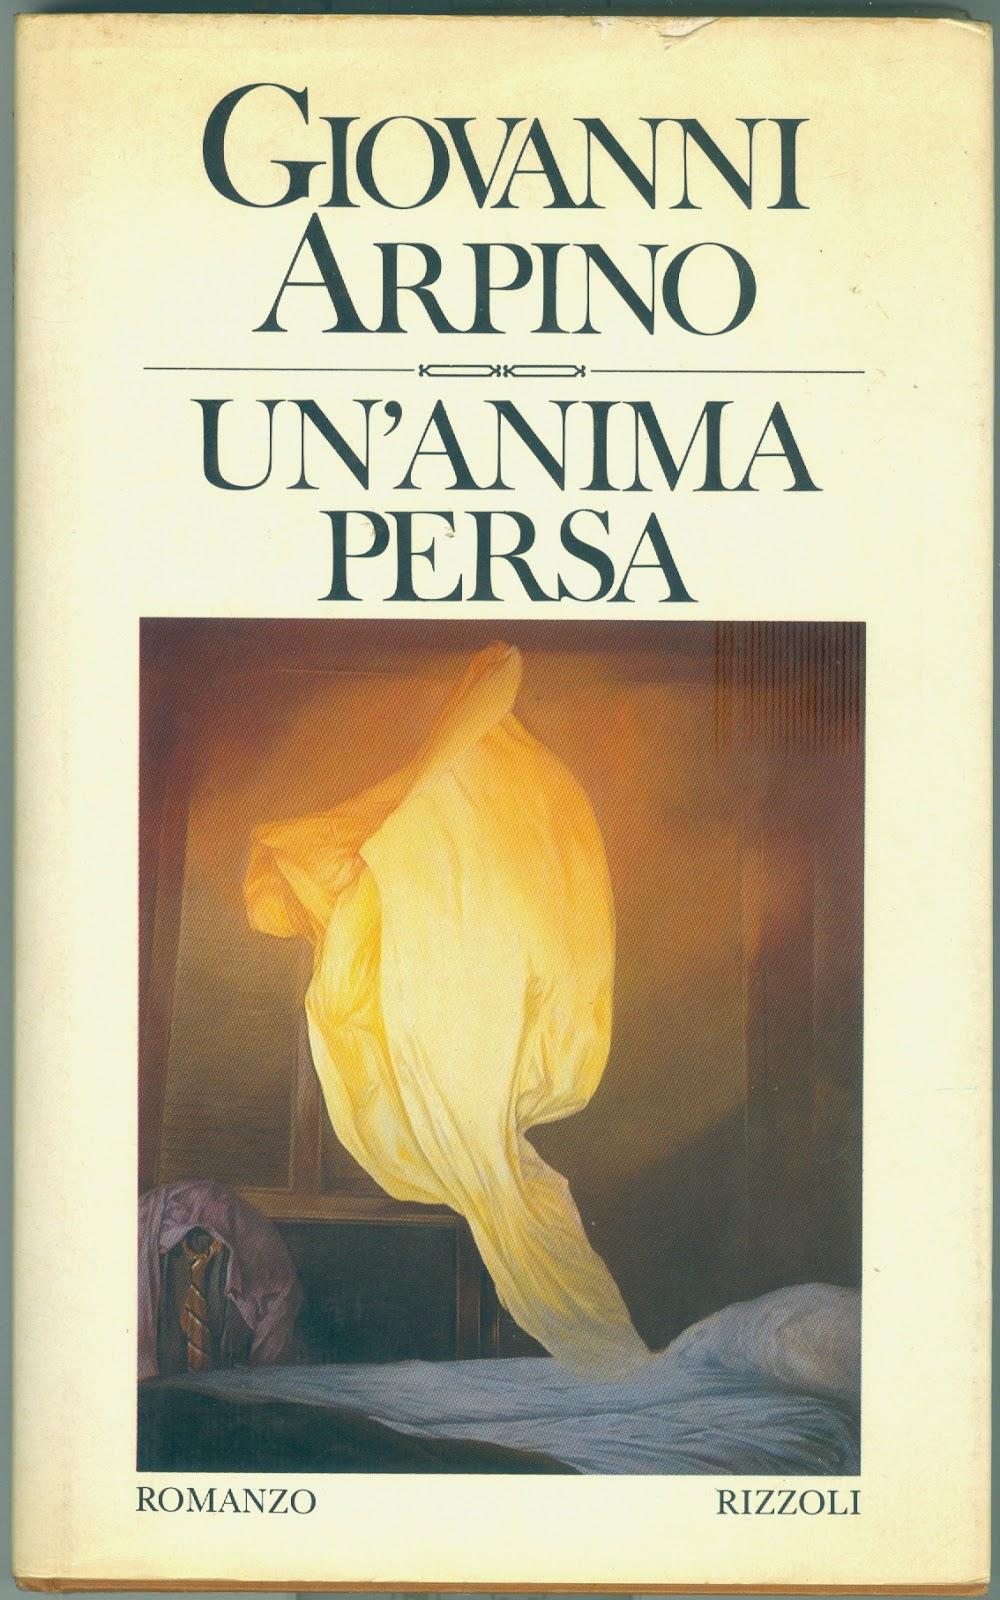 Anima Persa 1977 il lettore impenitente: giovanni arpino - un'anima persa